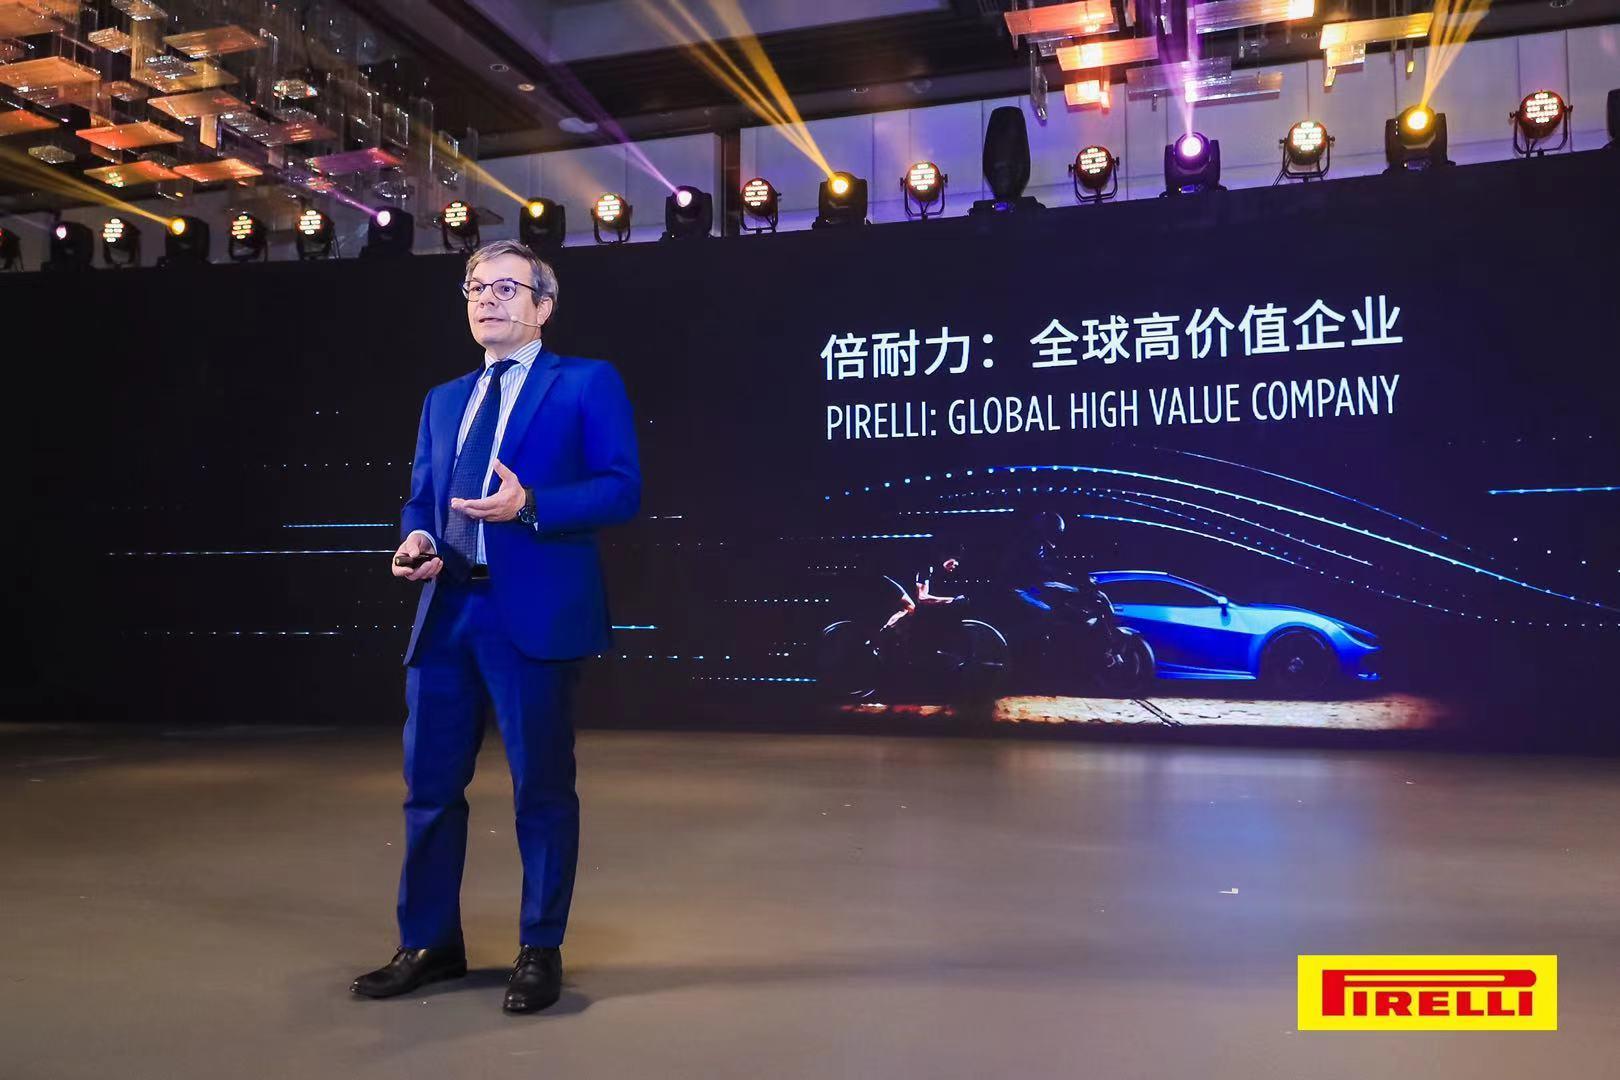 倍耐力于上海举办媒体沟通会,发力中国市场